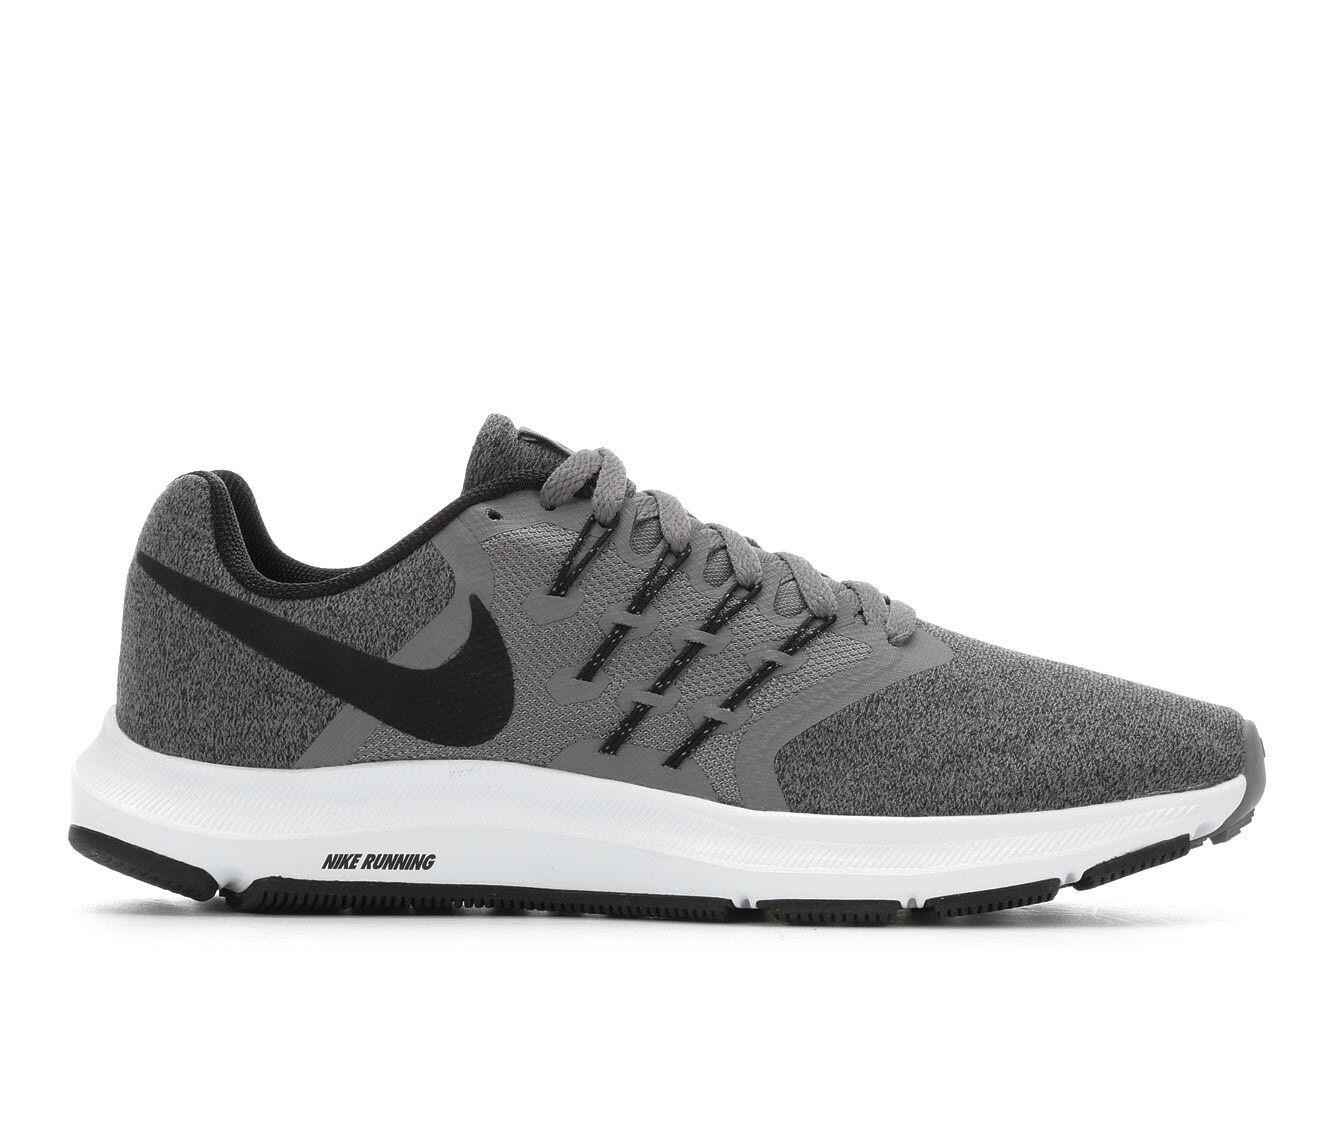 Women's Nike Run Swift Running Shoes Smoke/Blk/Wht